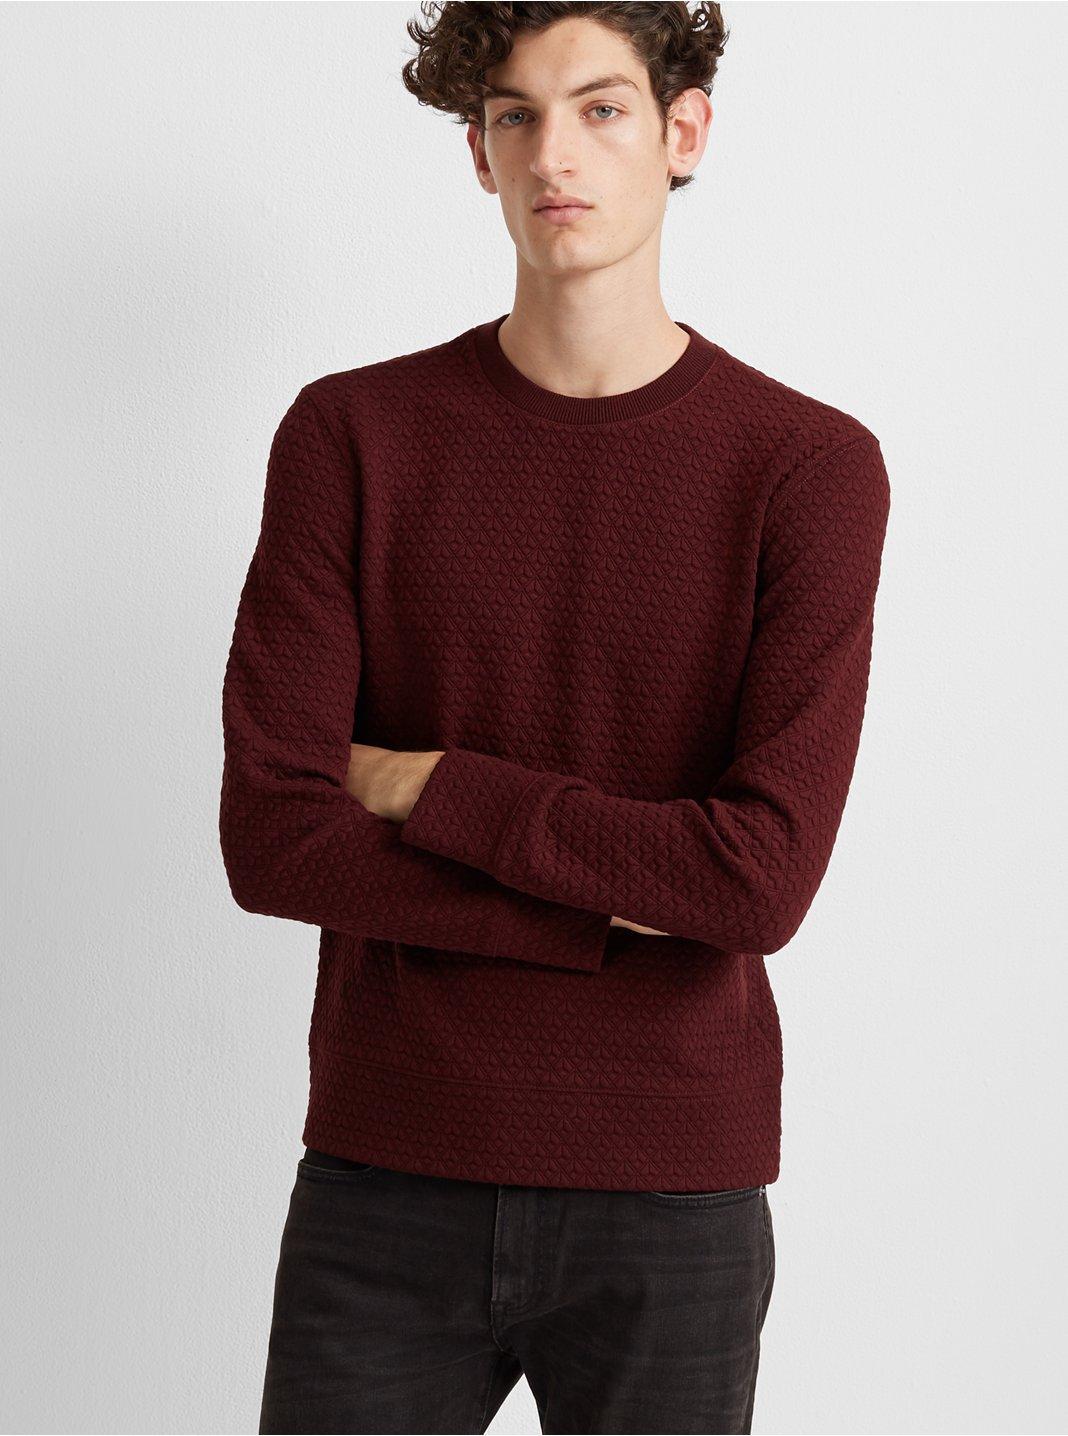 Deco Quilt Sweatshirt